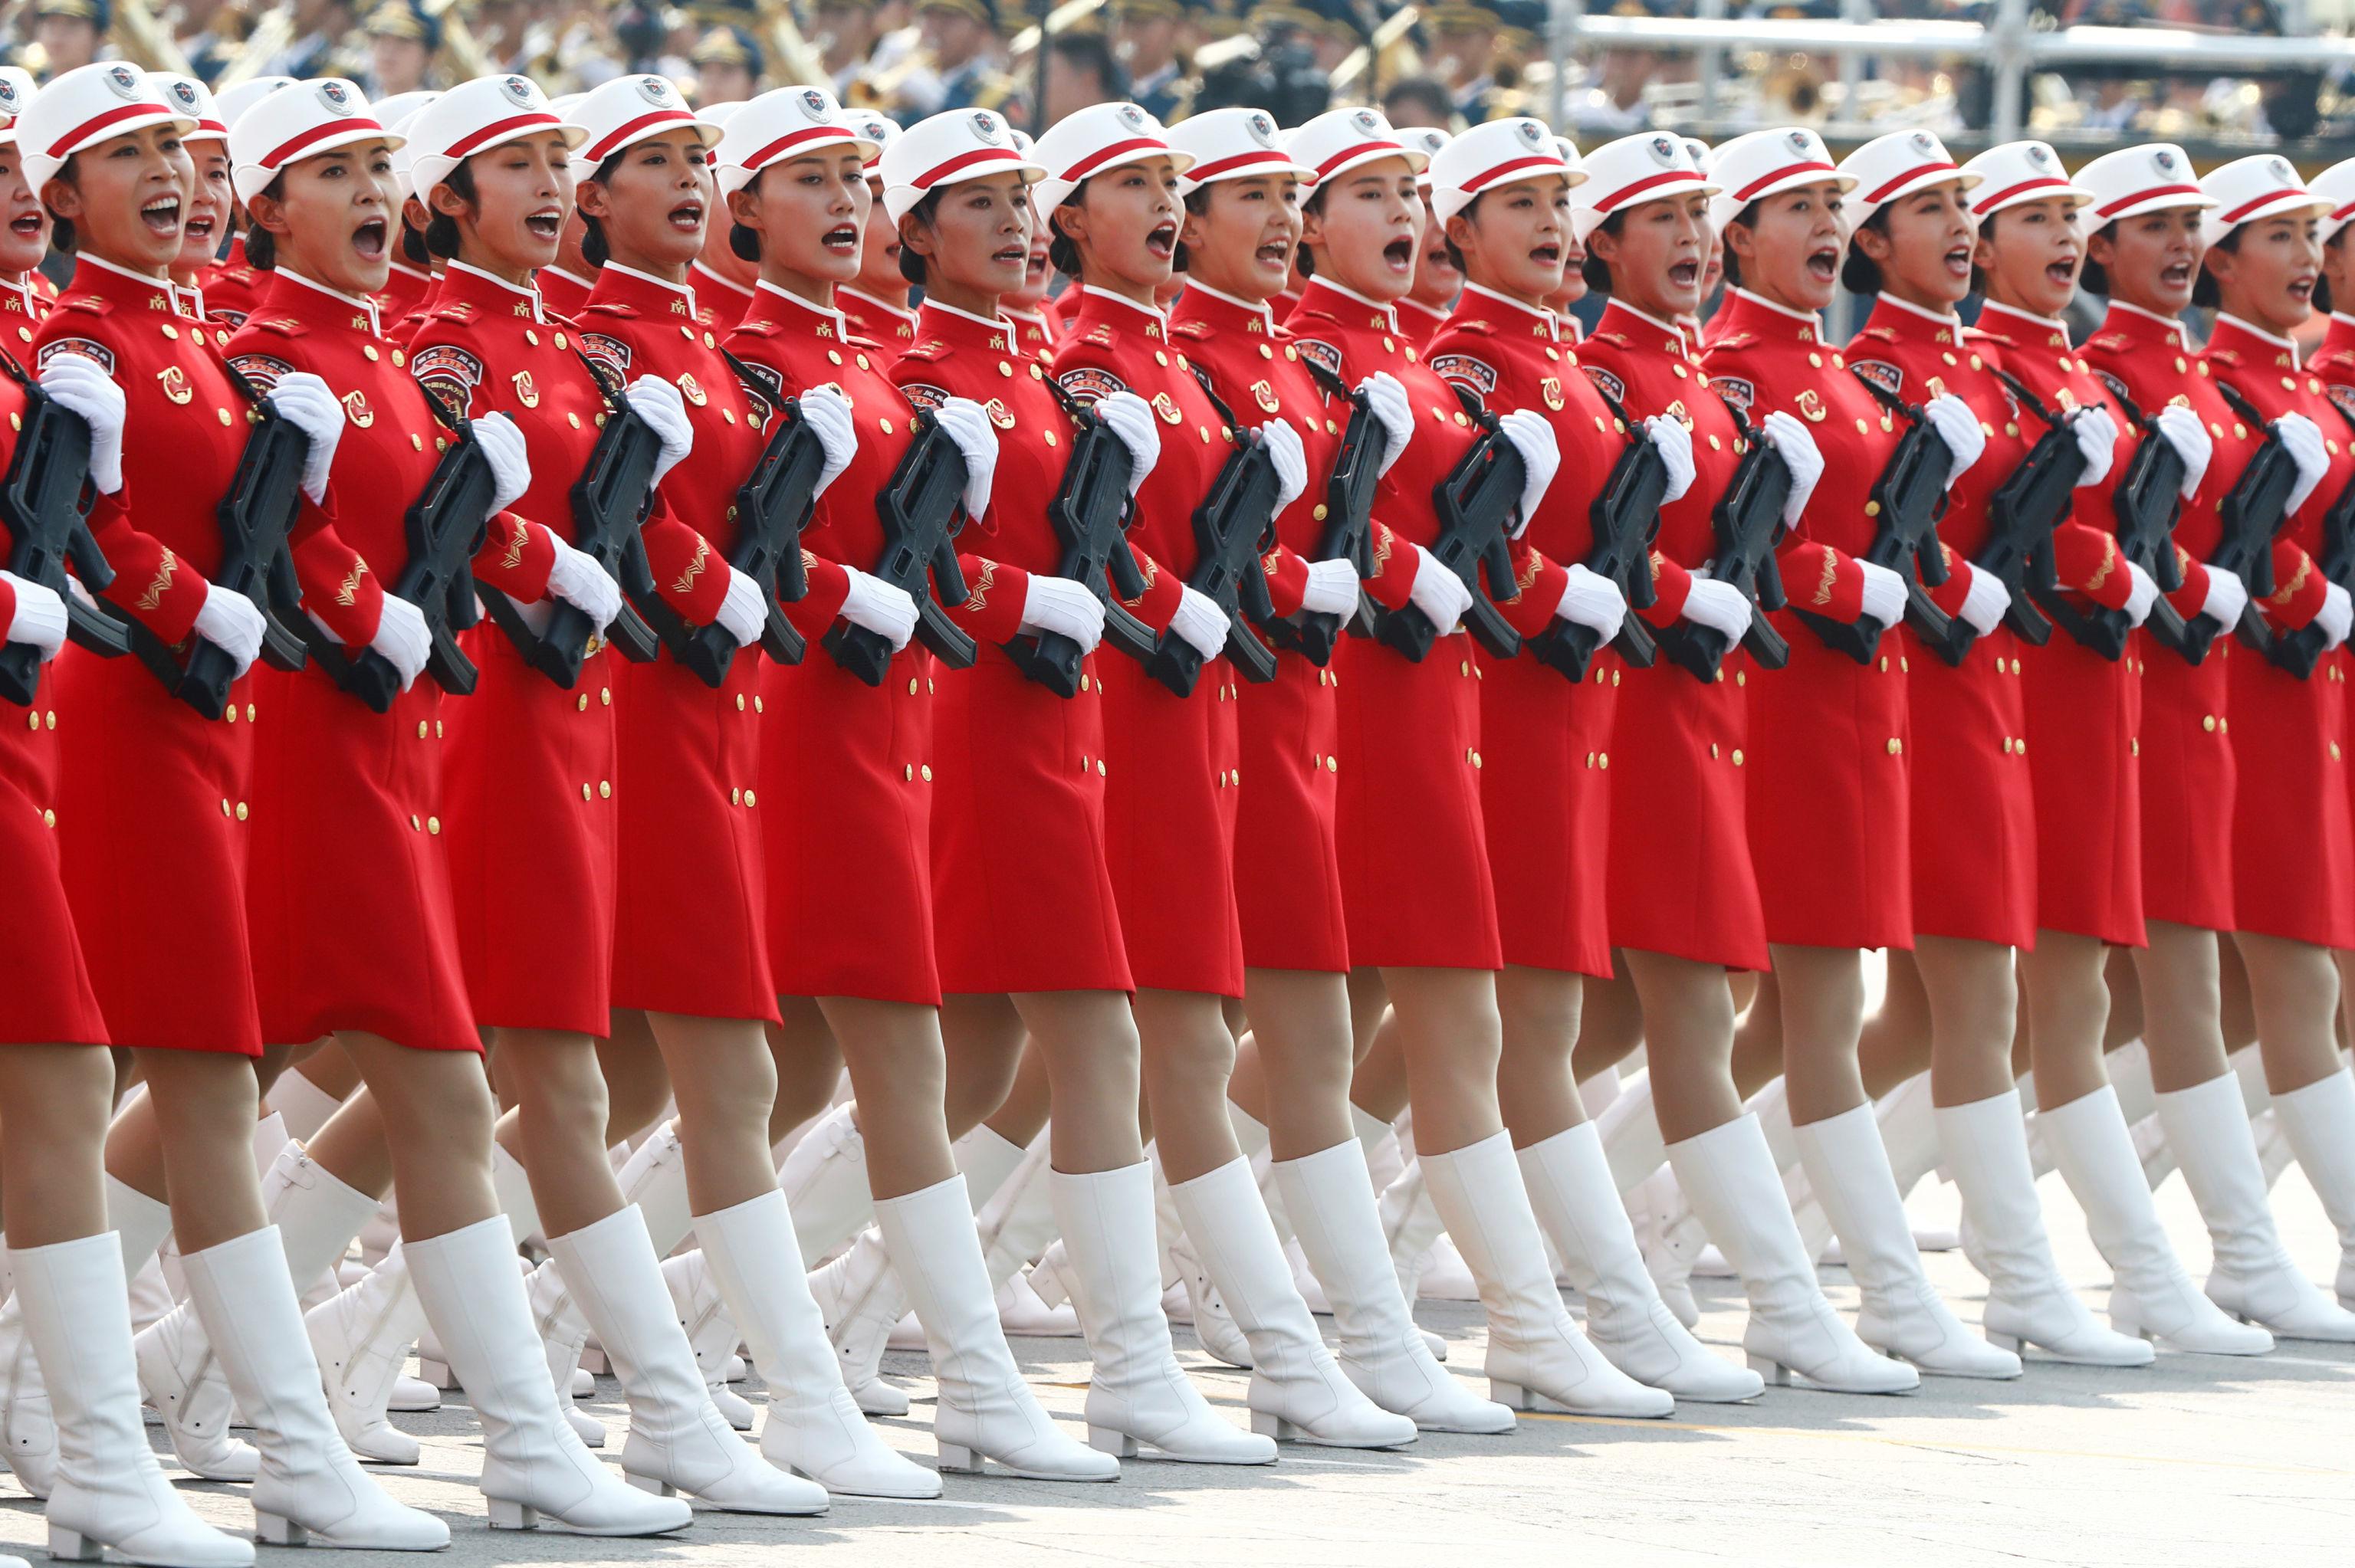 Militares do Exército da China durante o desfile militar marcando o 70º aniversário da fundação da República Popular da China, em Pequim